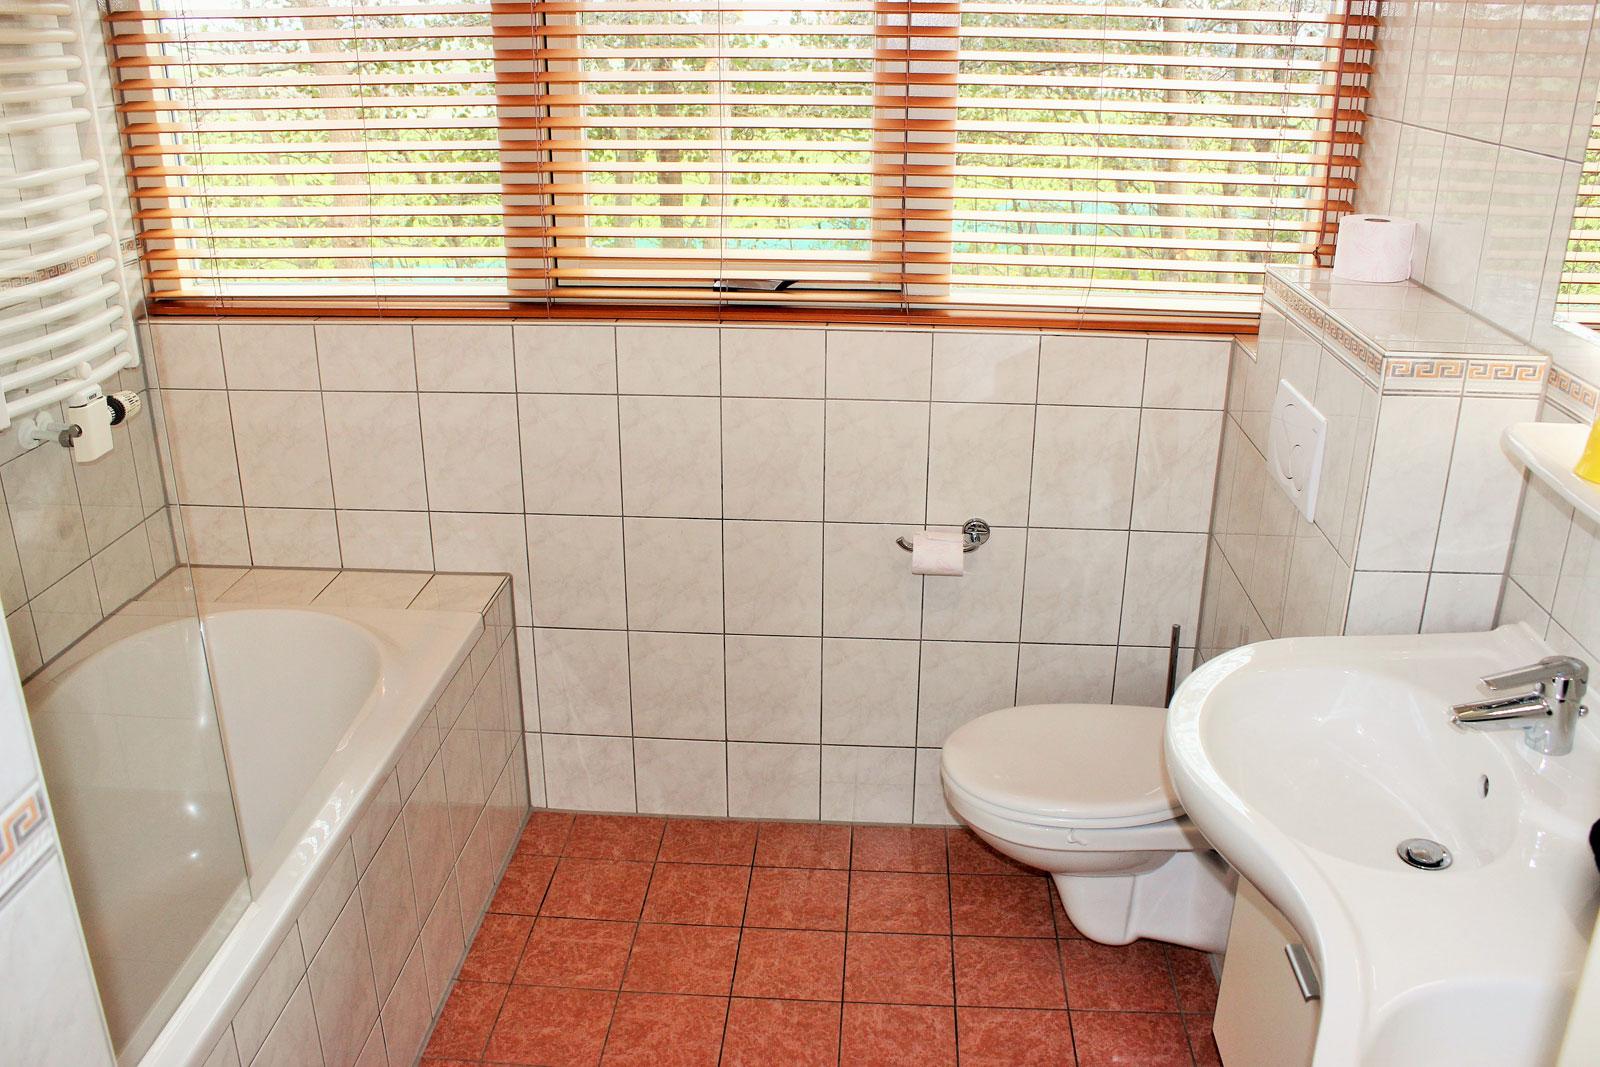 vakantiehuizen nr 12 en 14 badkamer boven